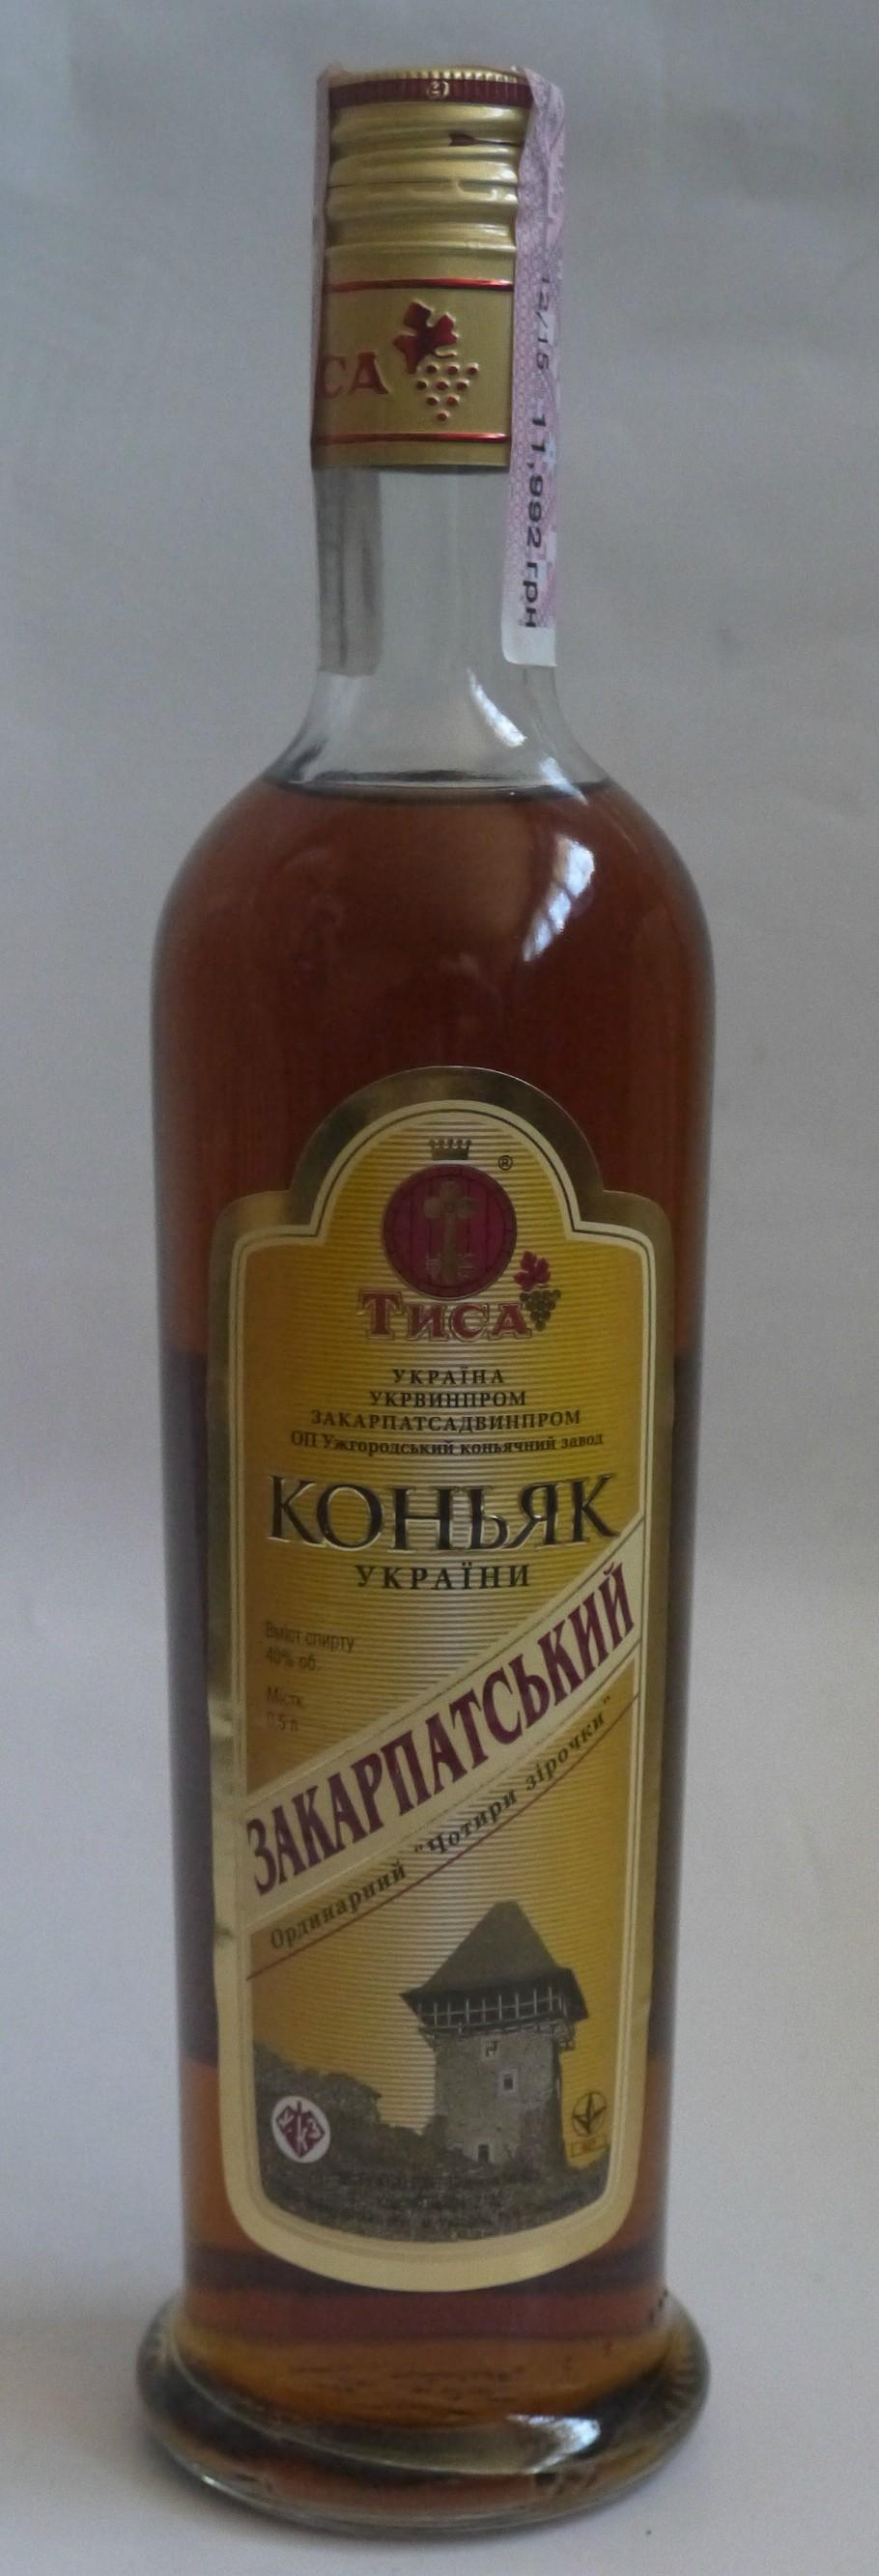 Купить Коньяк 1980 Ужгород